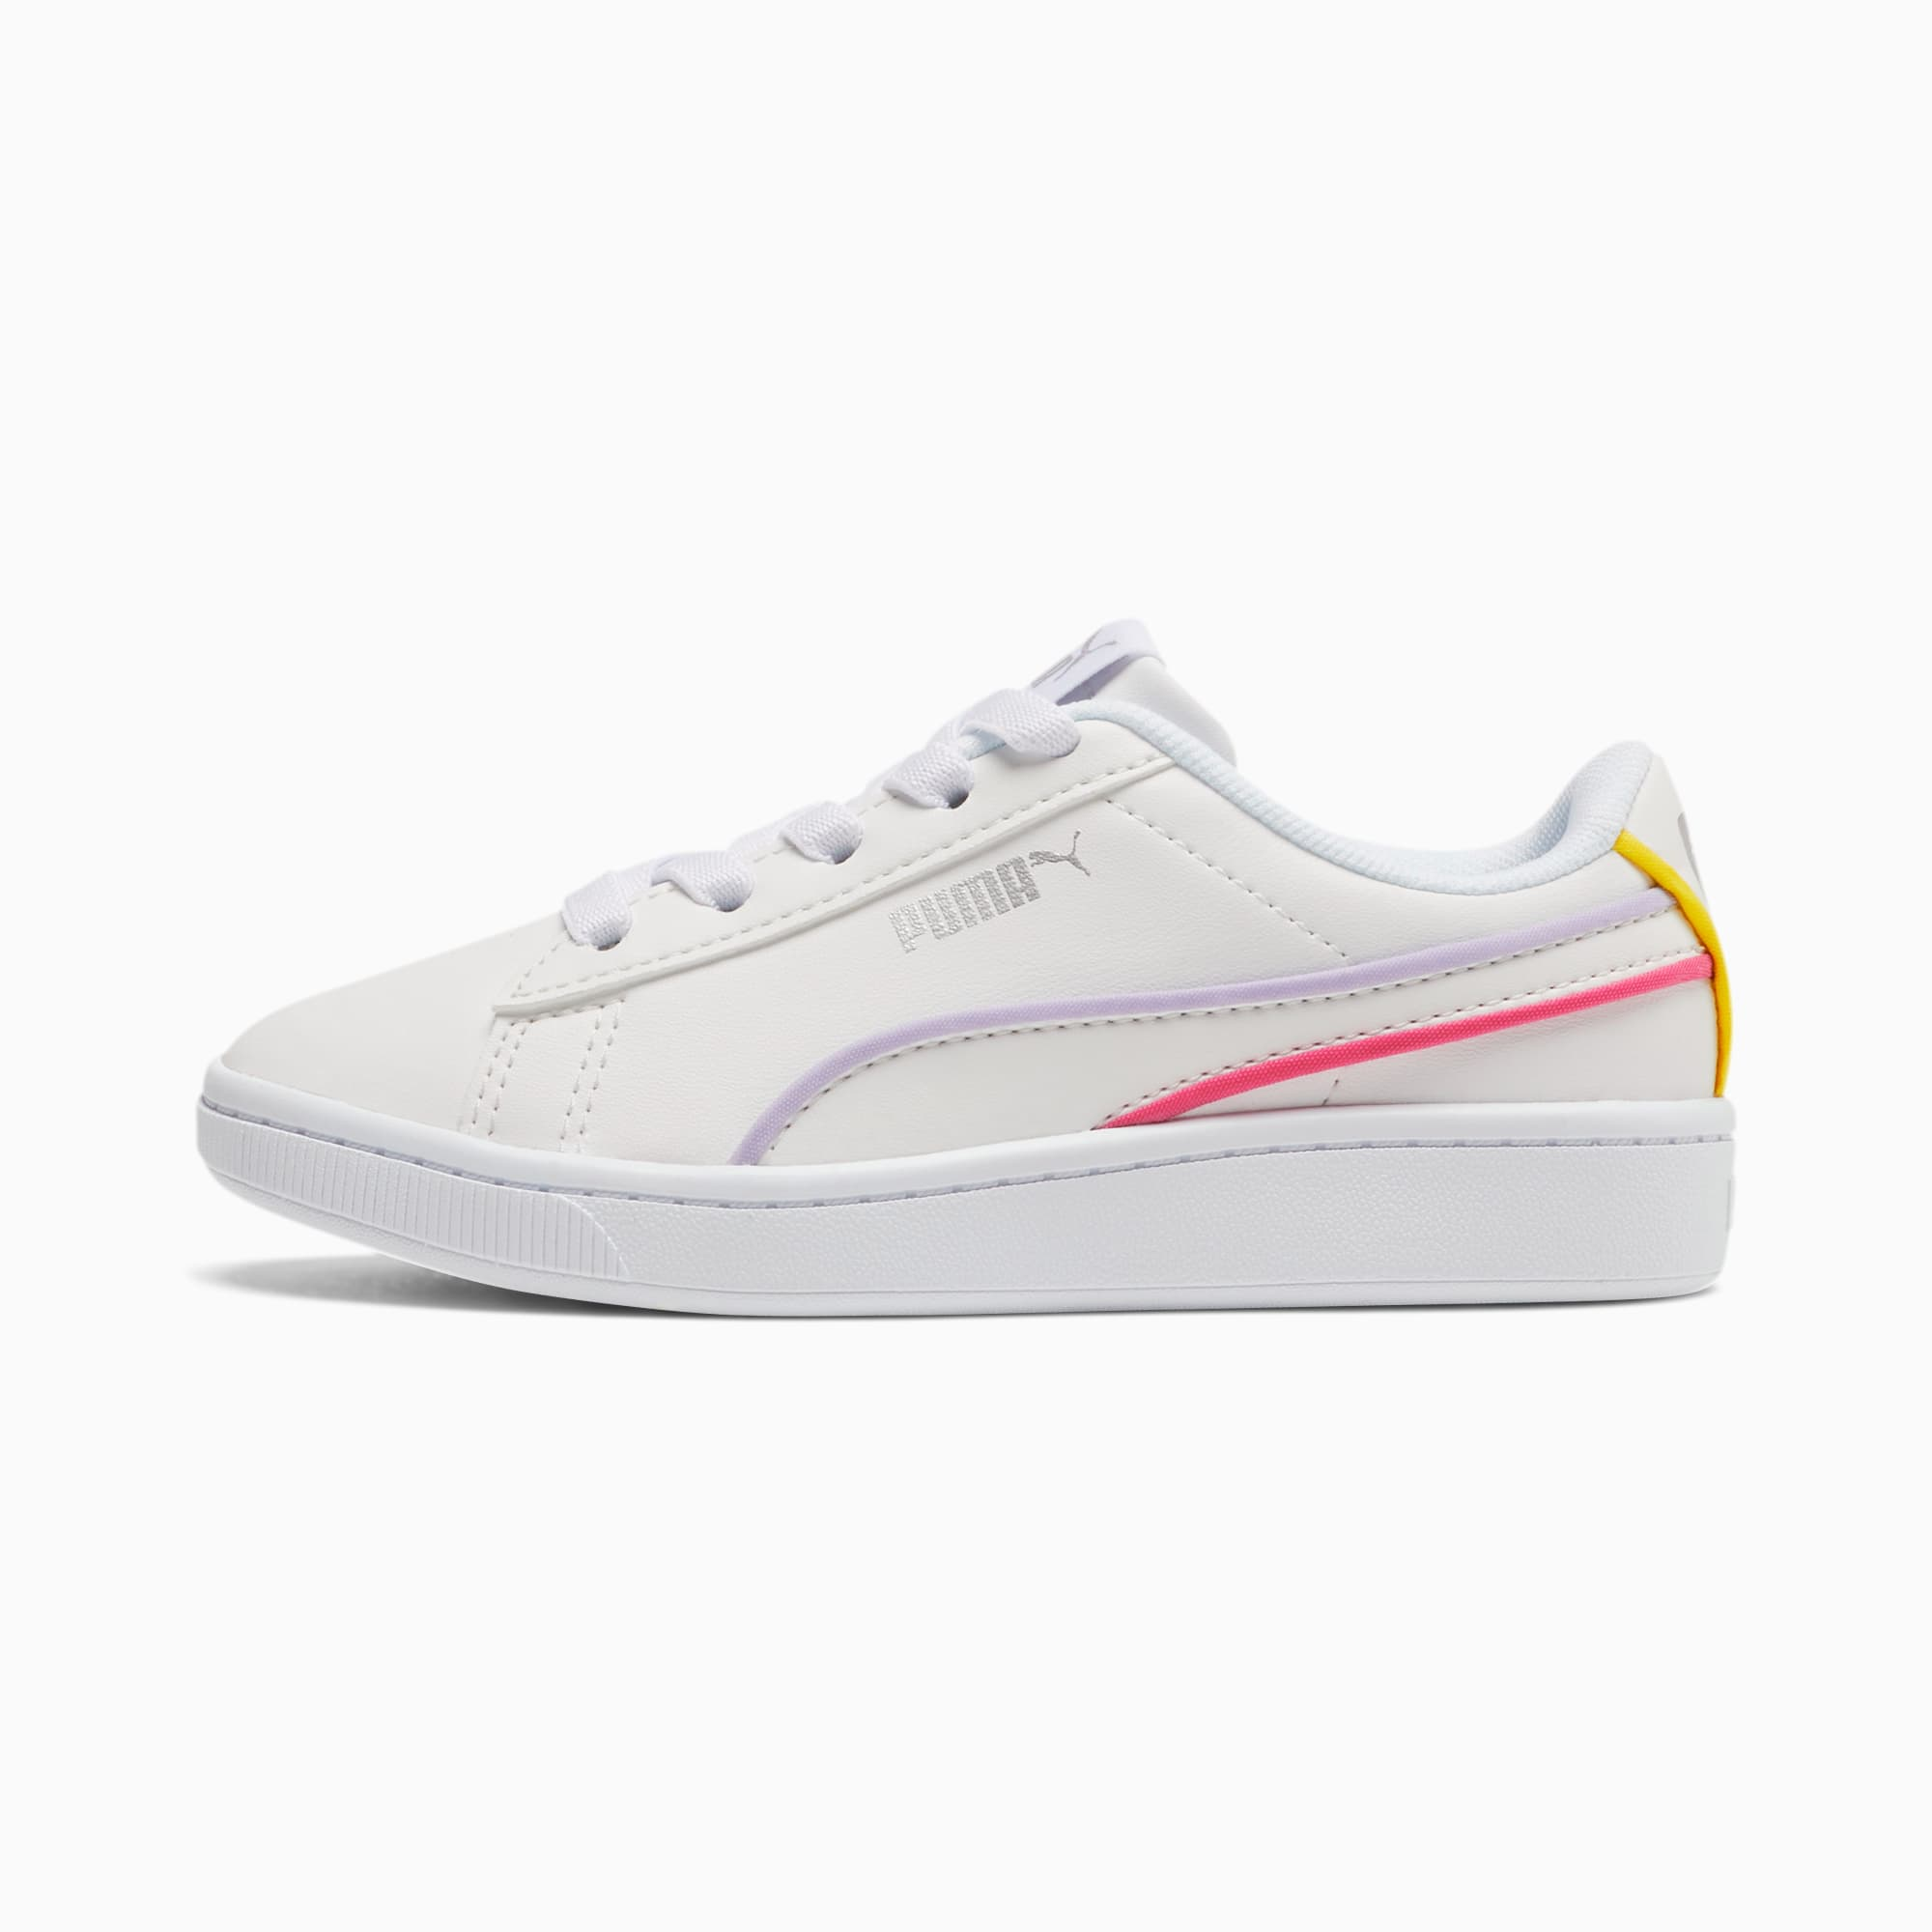 PUMA Vikky v2 Hem Little Kids' Shoes